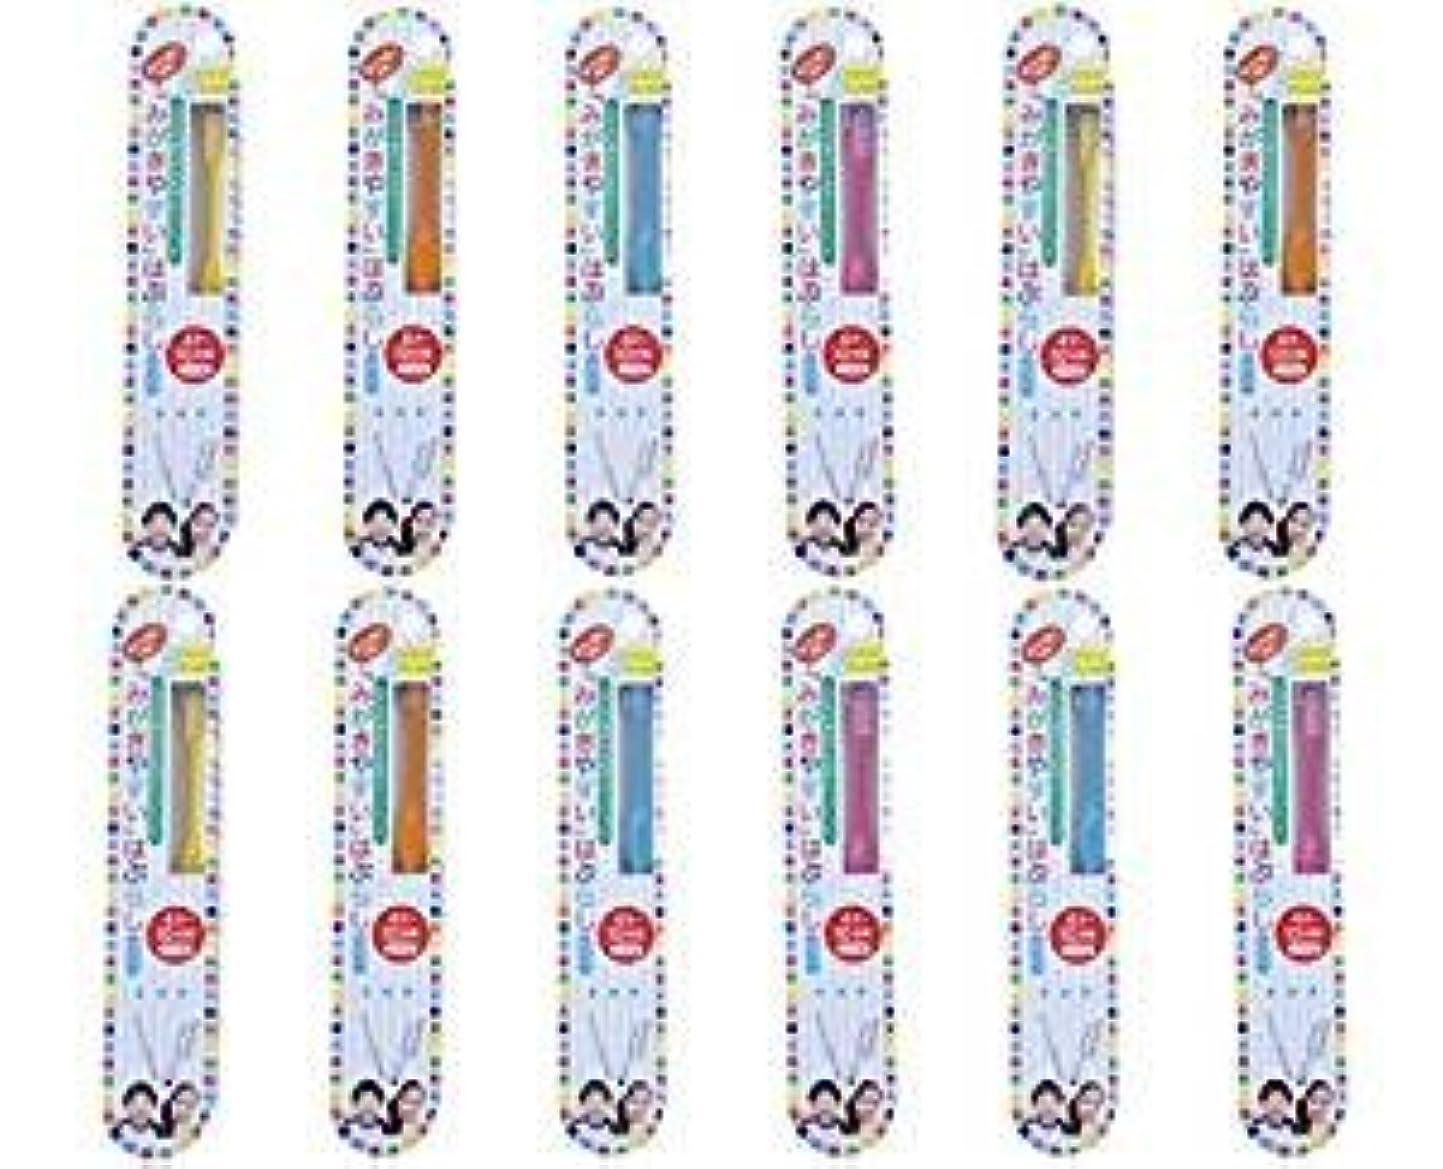 開いた枯れる熱意歯ブラシ職人田辺重吉 磨きやすい歯ブラシこども用 LT-10 (12本組)